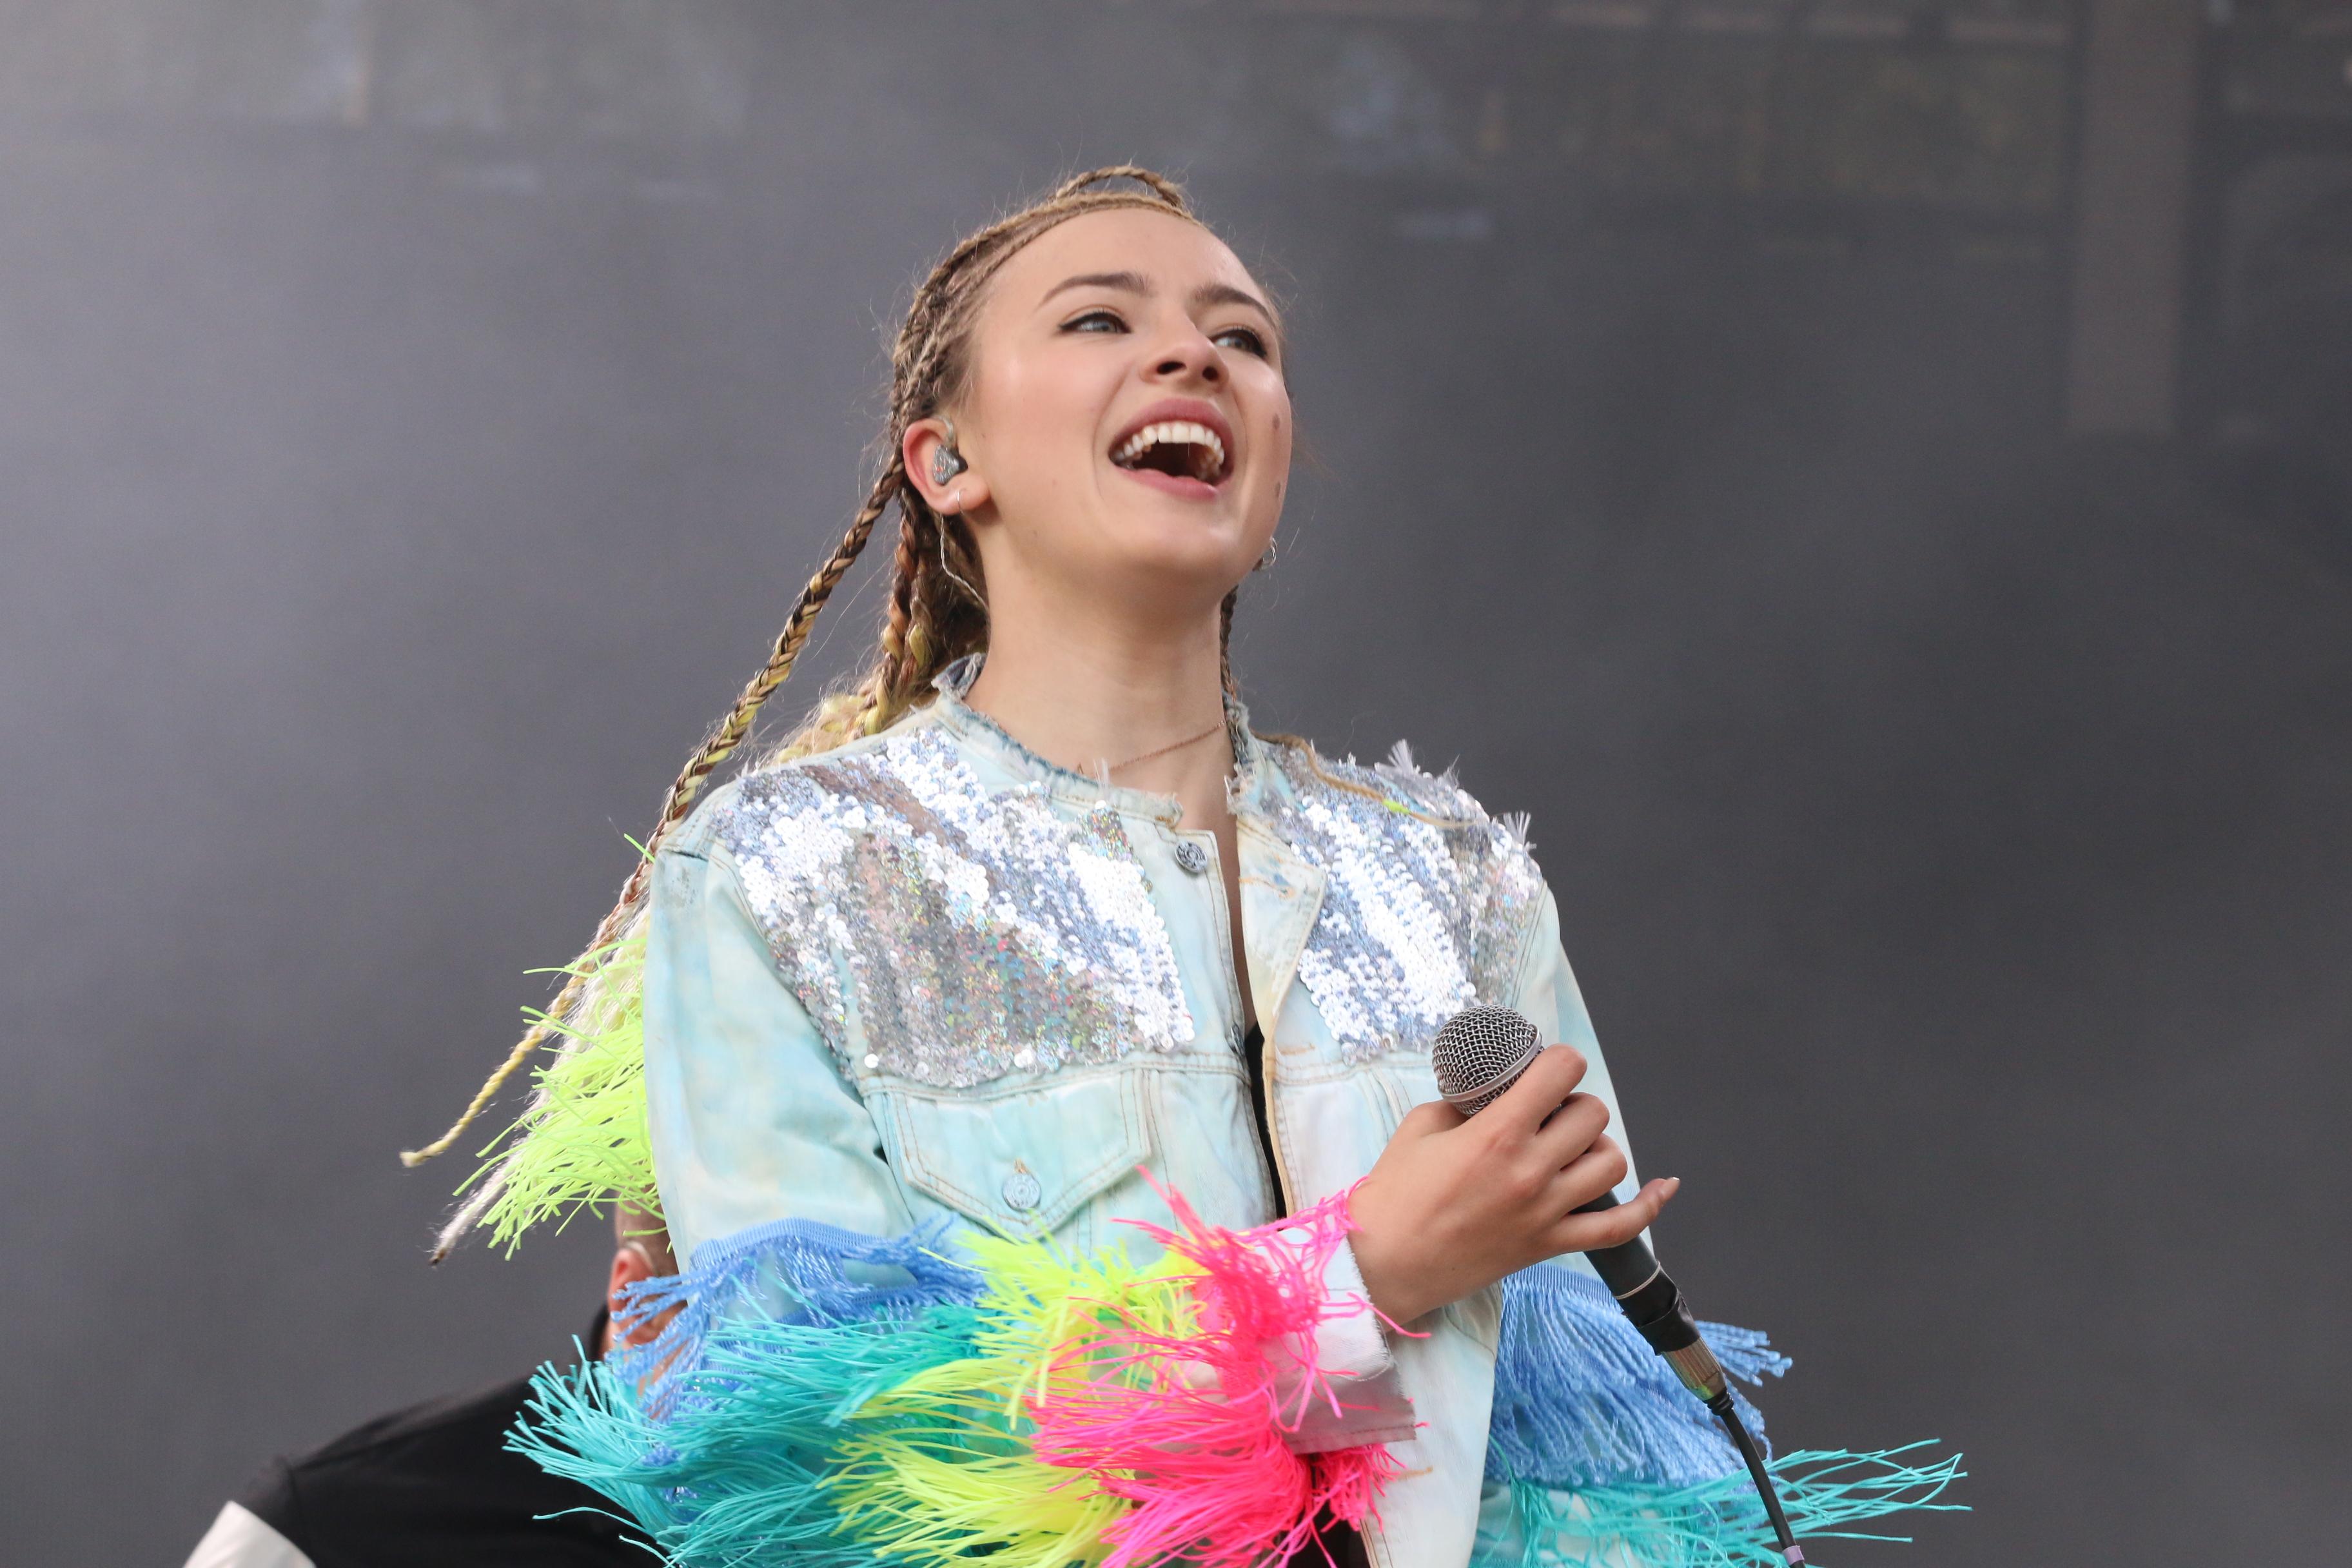 Znamy datę koncertu Natalii Nykiel na dachu autobusu w Olsztynie!